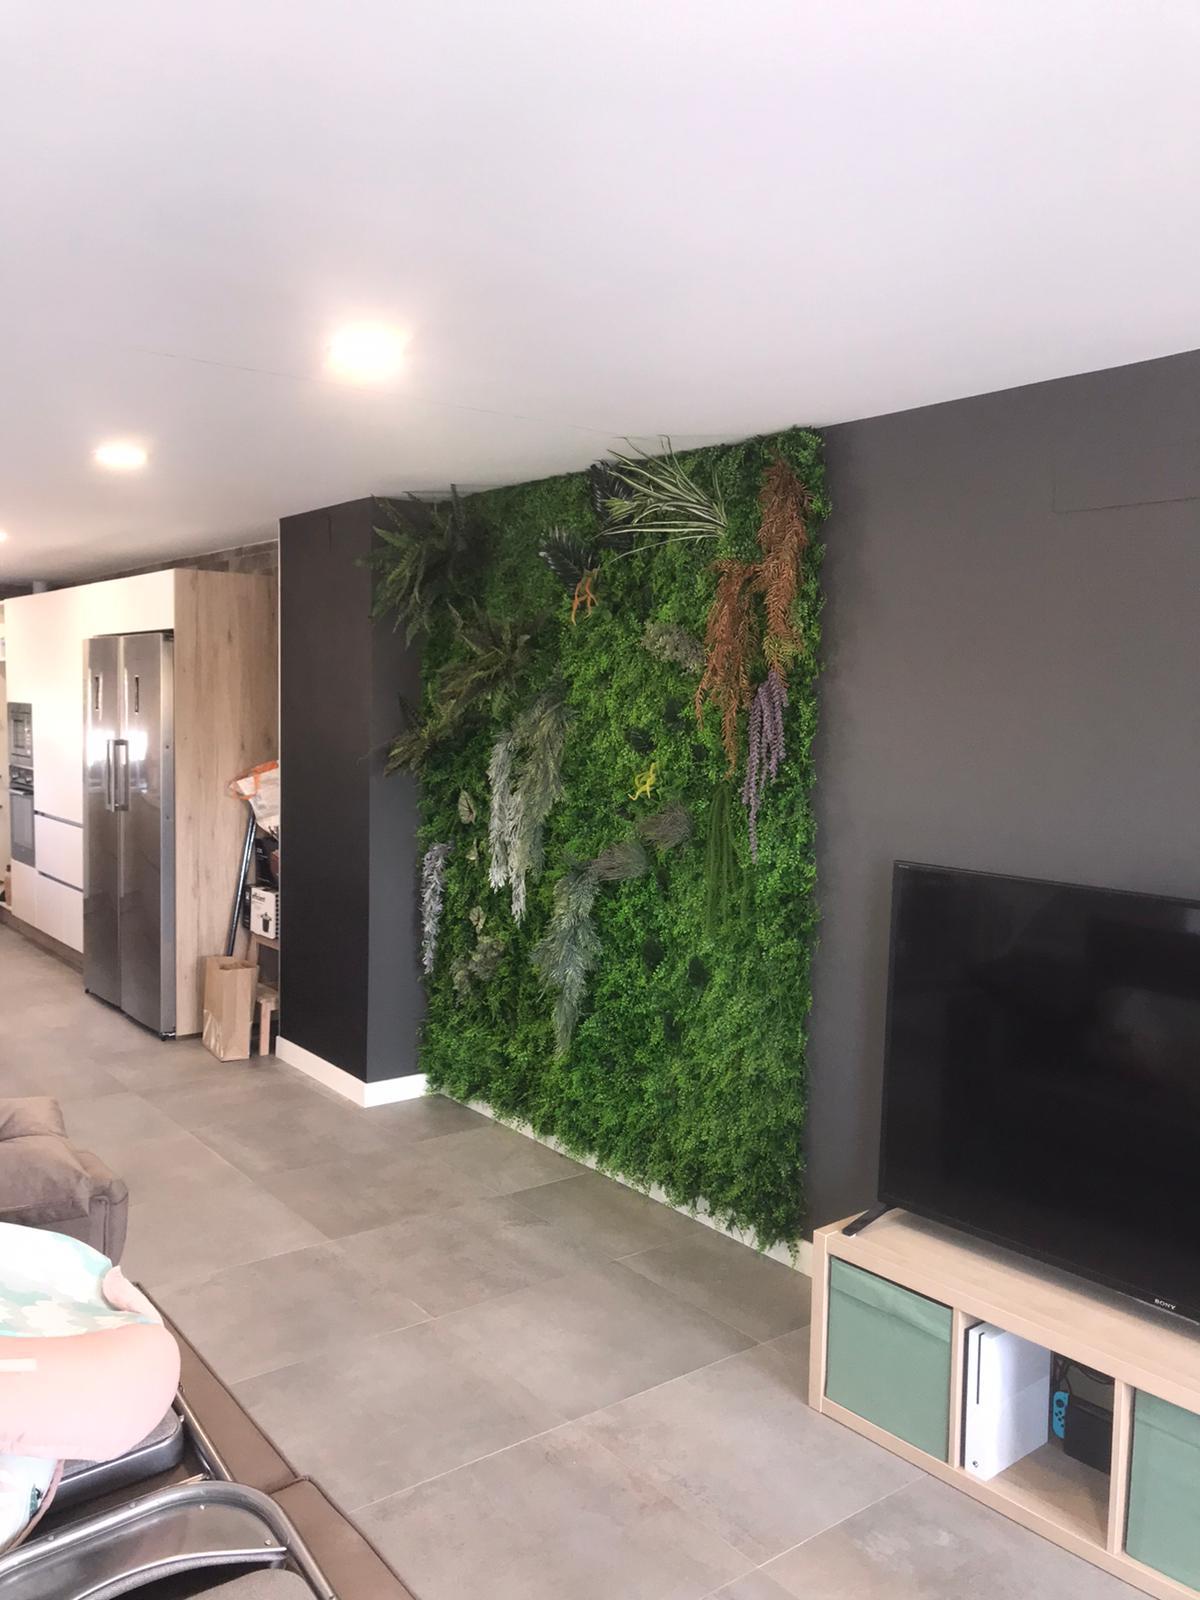 jardin vertical en navalcarnero